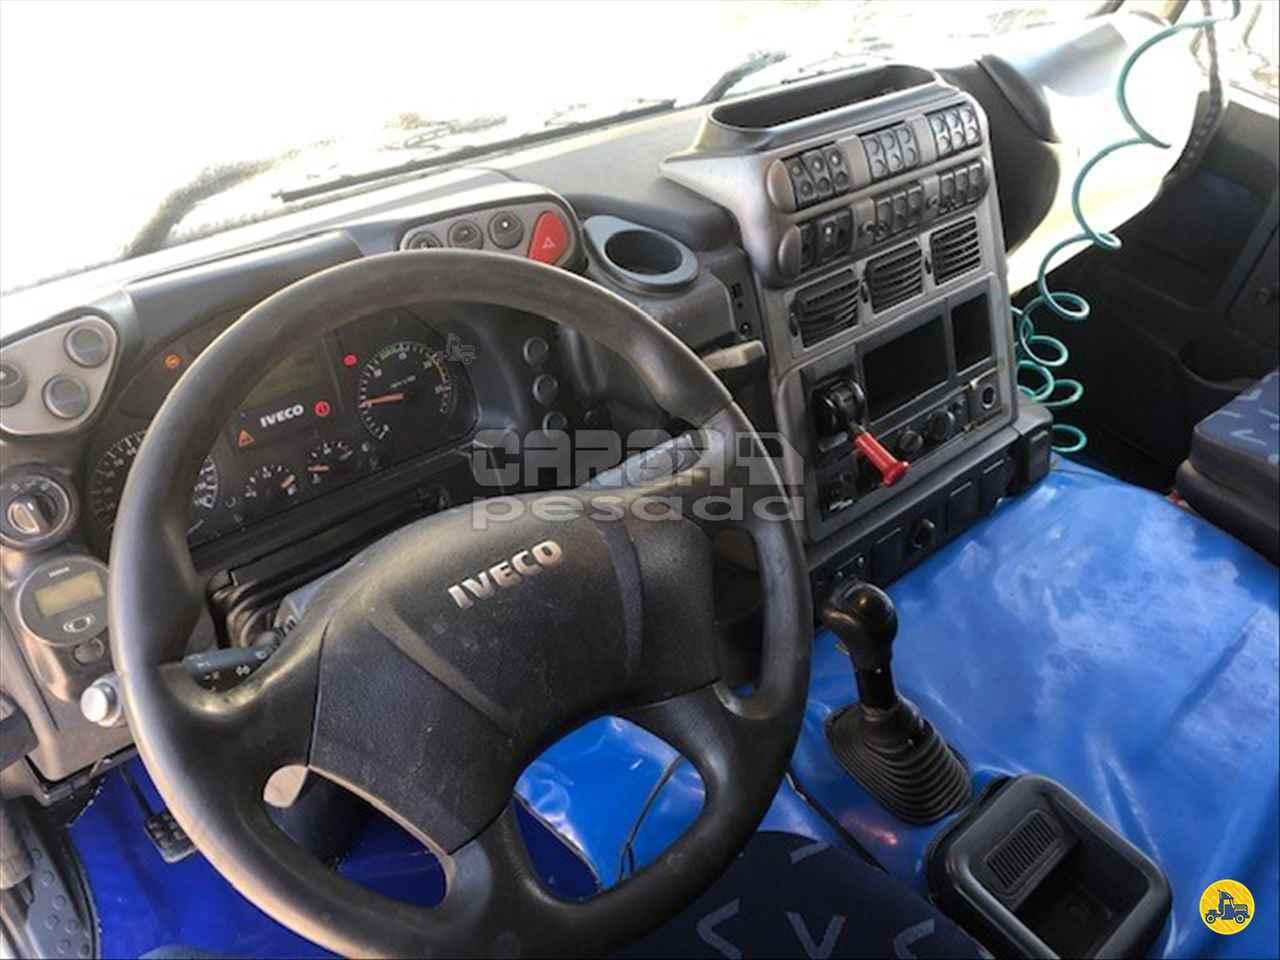 IVECO STRALIS 380 582000km 2011/2011 Carga Pesada Caminhões